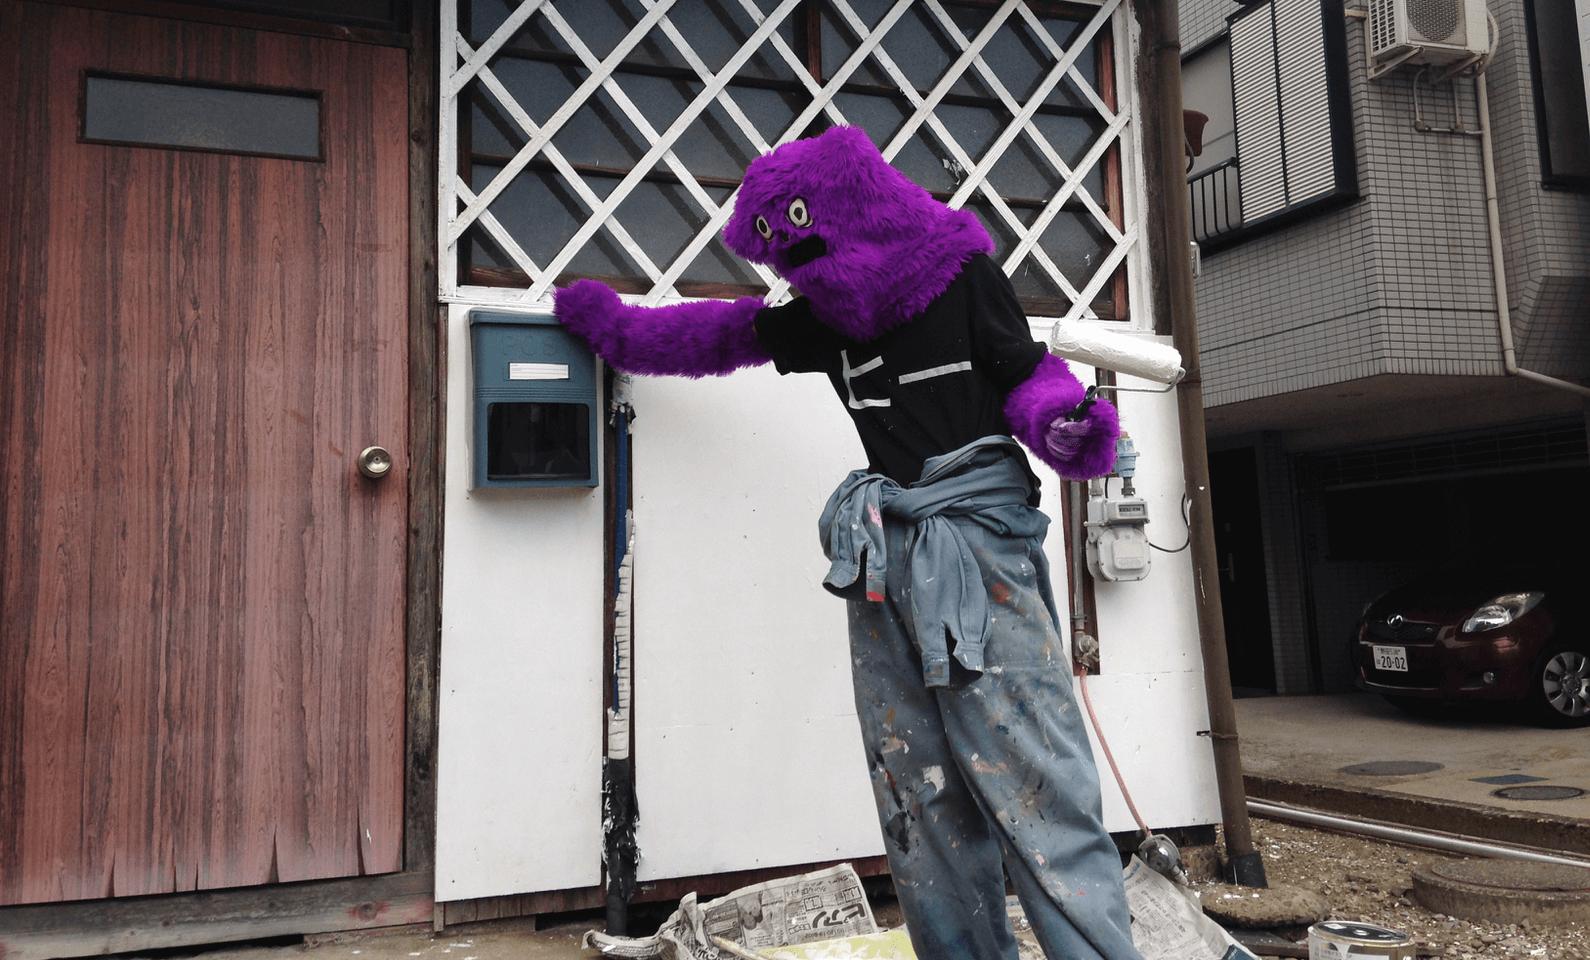 オレ・ゴーレムの子孫であるヒーレムの格好をしながら外壁を白く塗る松岡さん。